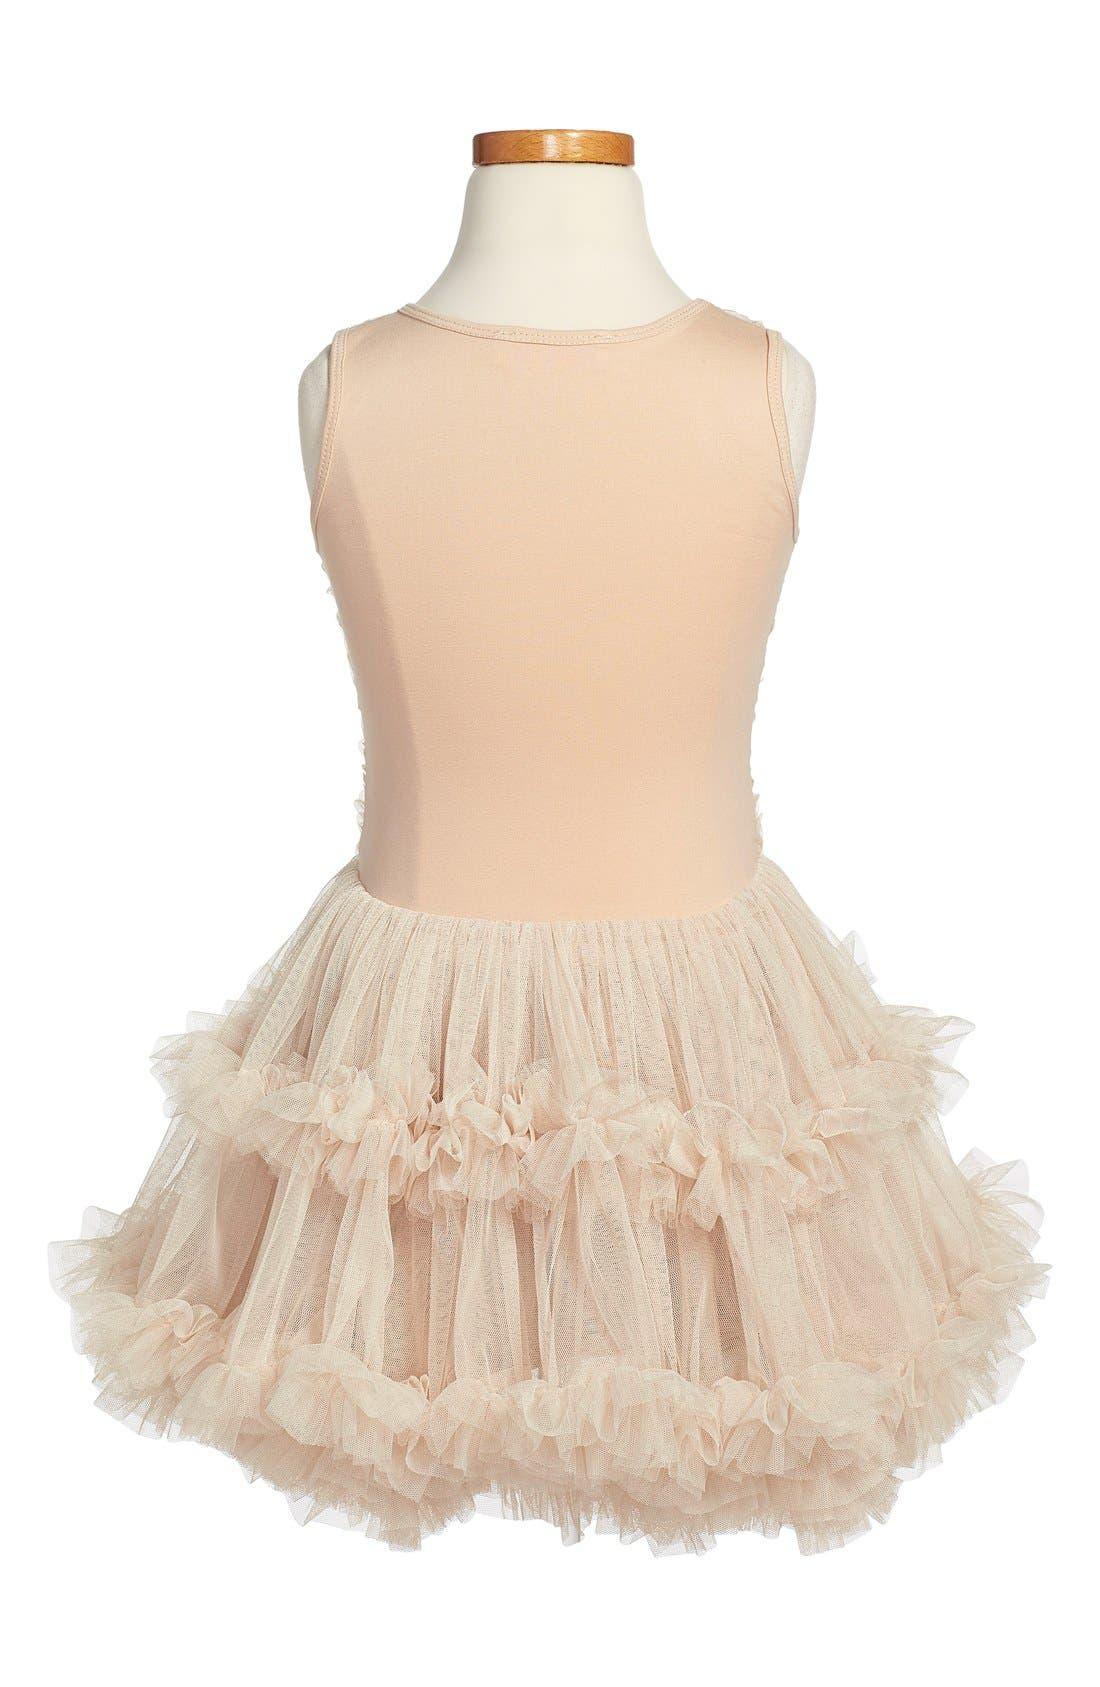 Ribbon Rosette Sleeveless Dress,                             Alternate thumbnail 2, color,                             Ivory